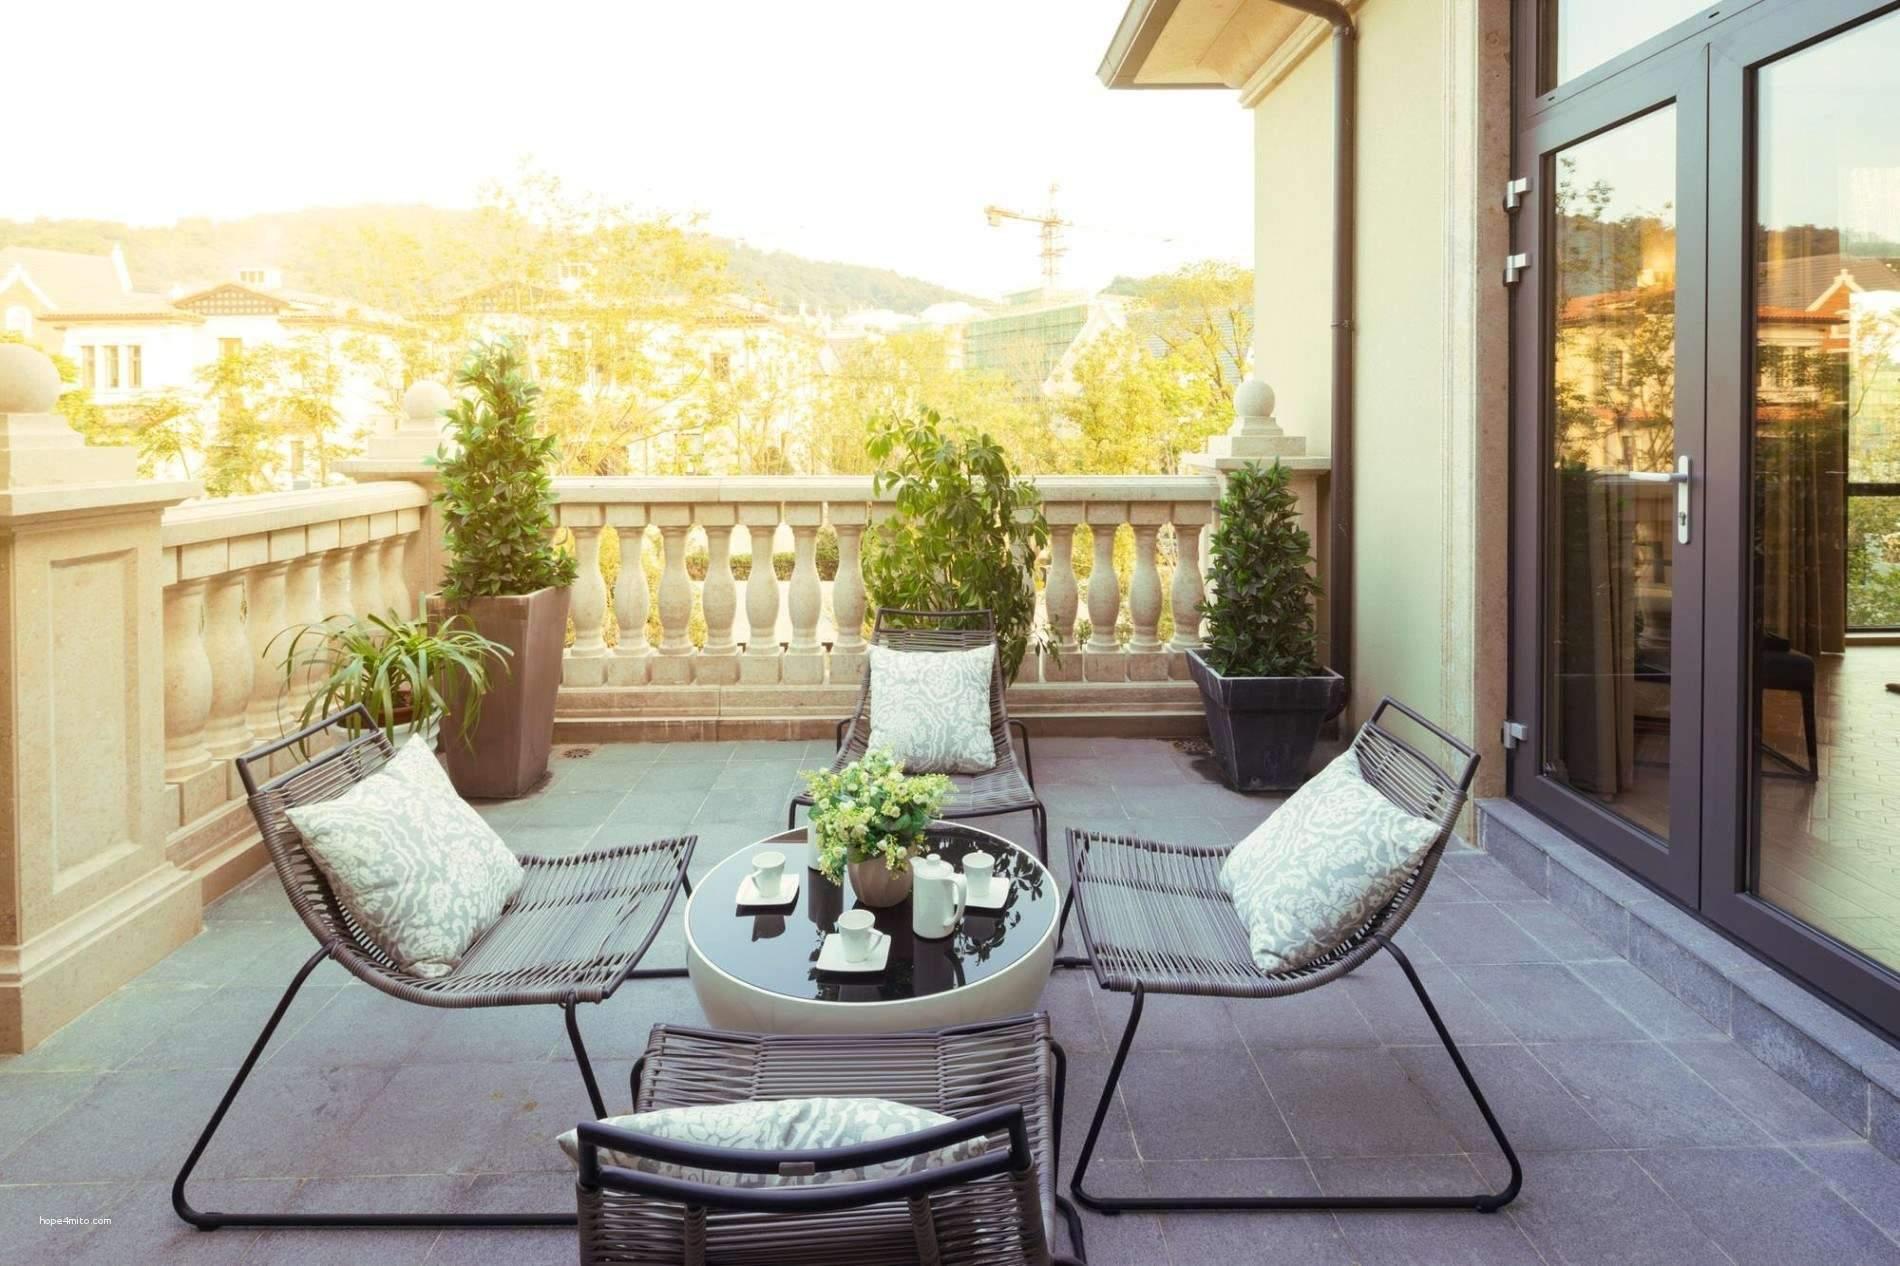 deko wohnzimmer selber machen luxus 35 neu balkon ideen selber machen of deko wohnzimmer selber machen